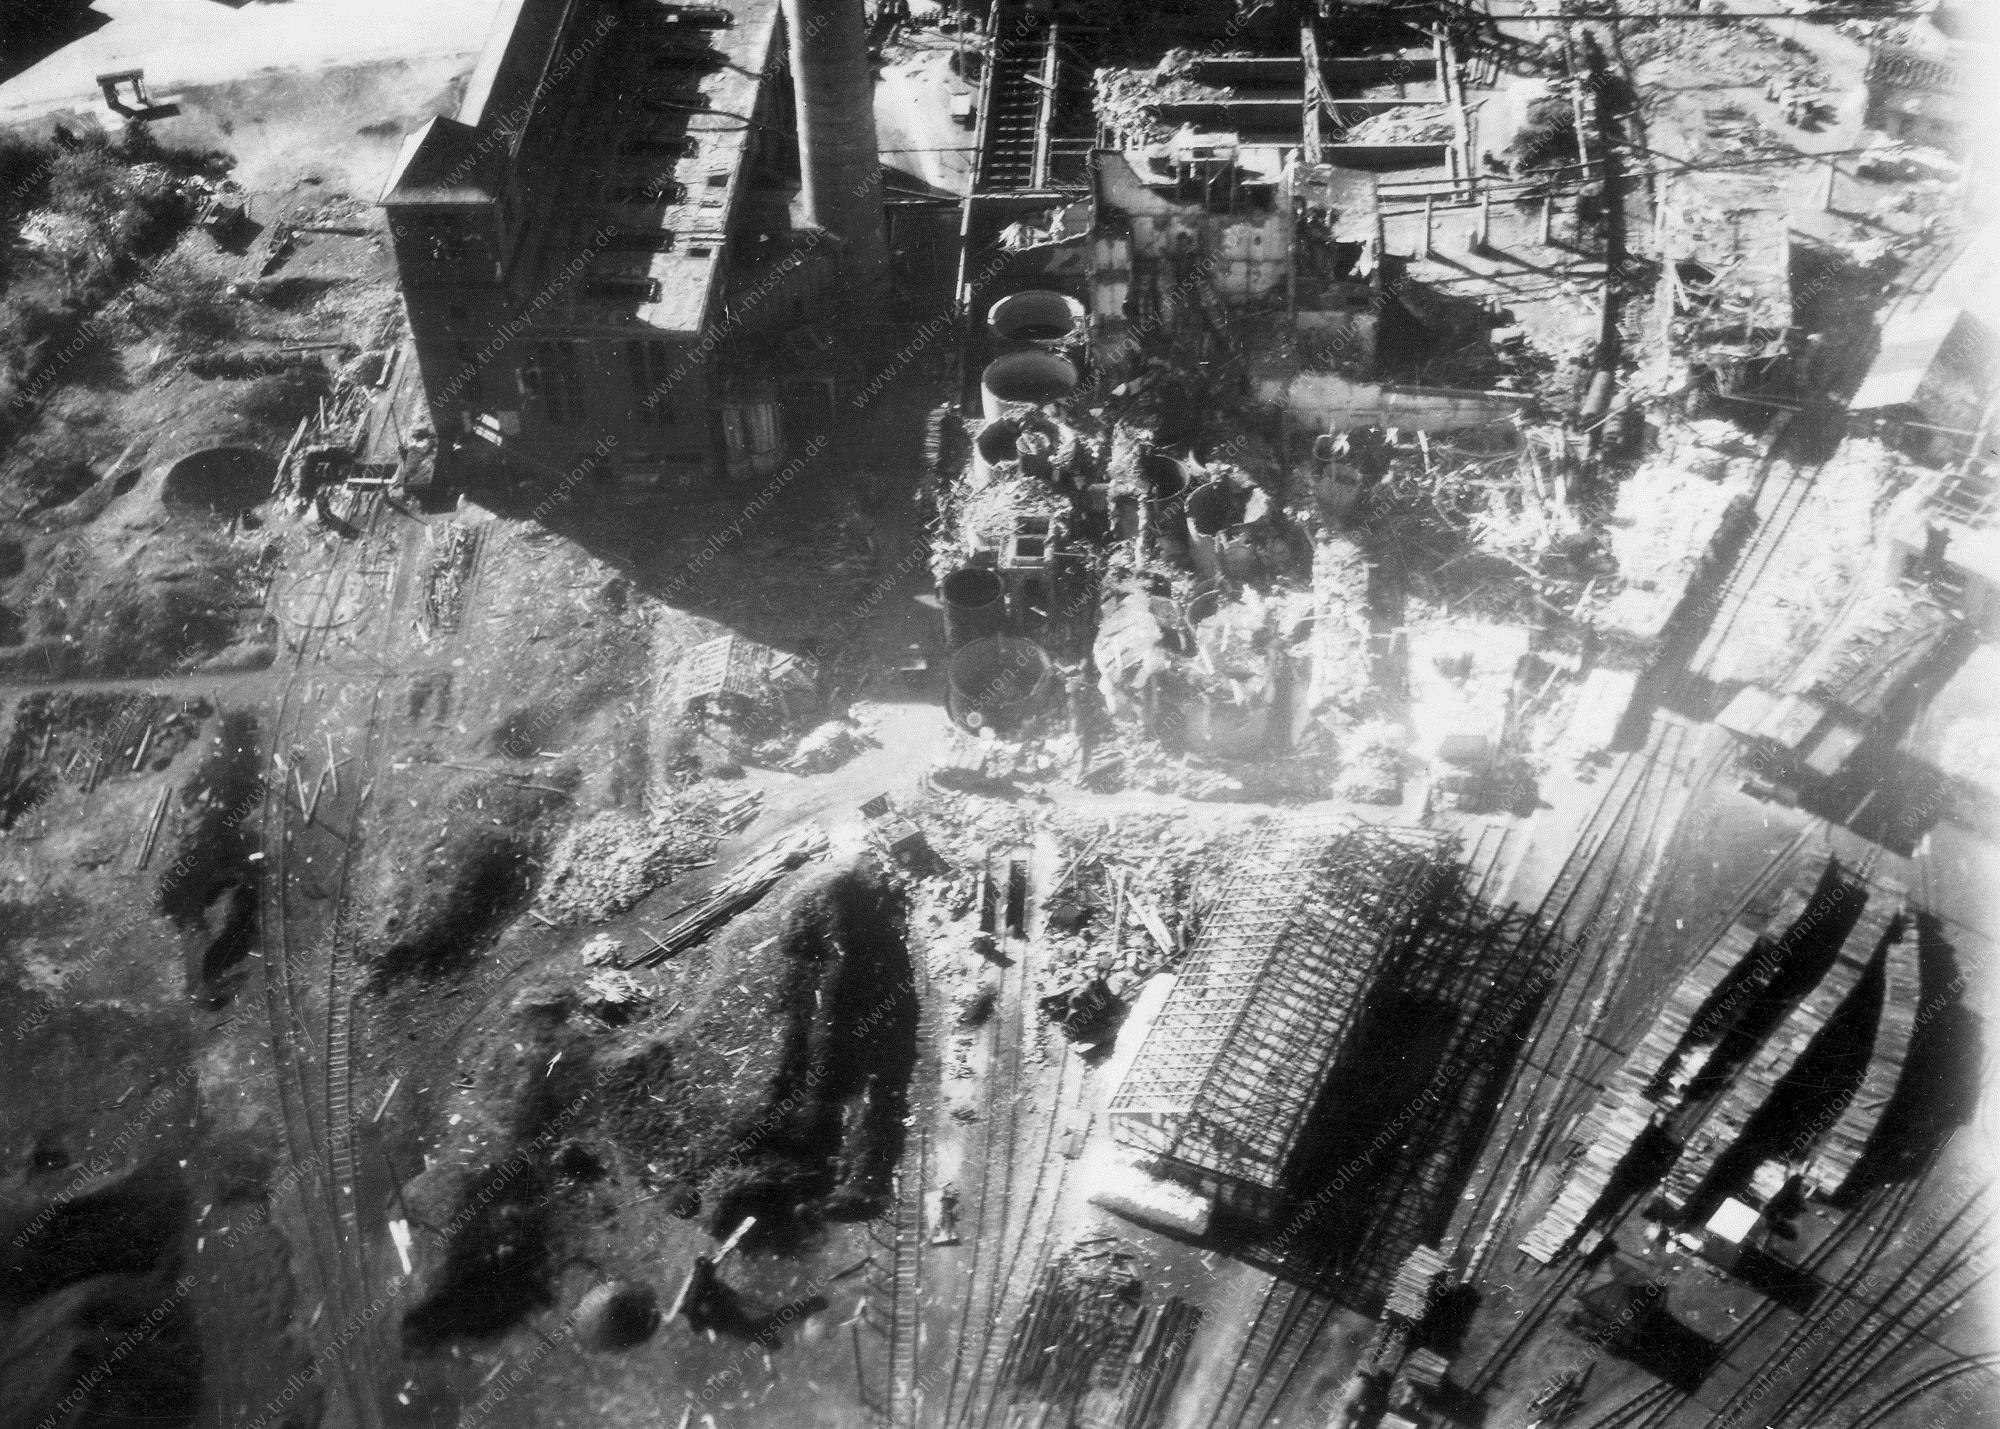 Unbekanntes Luftbild Industrie und Eisenbahngleise